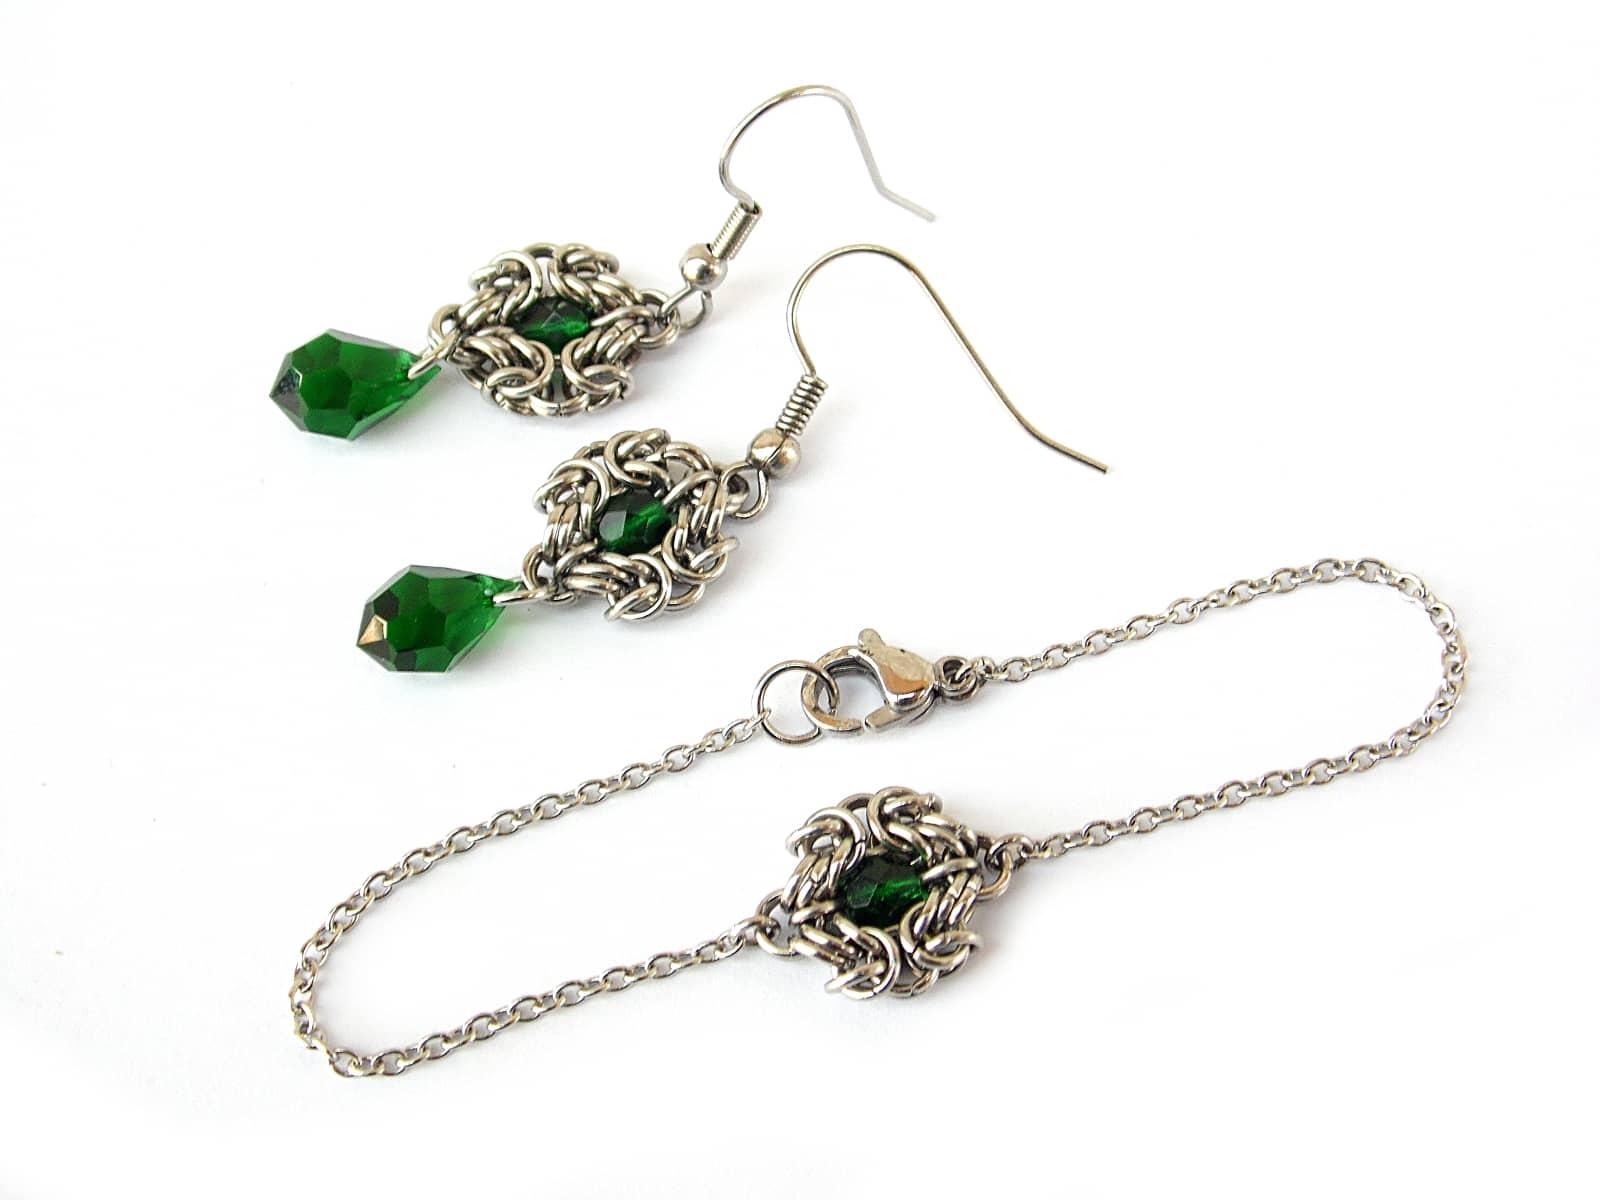 Komplet chainmaille z zielonymi kryształkami